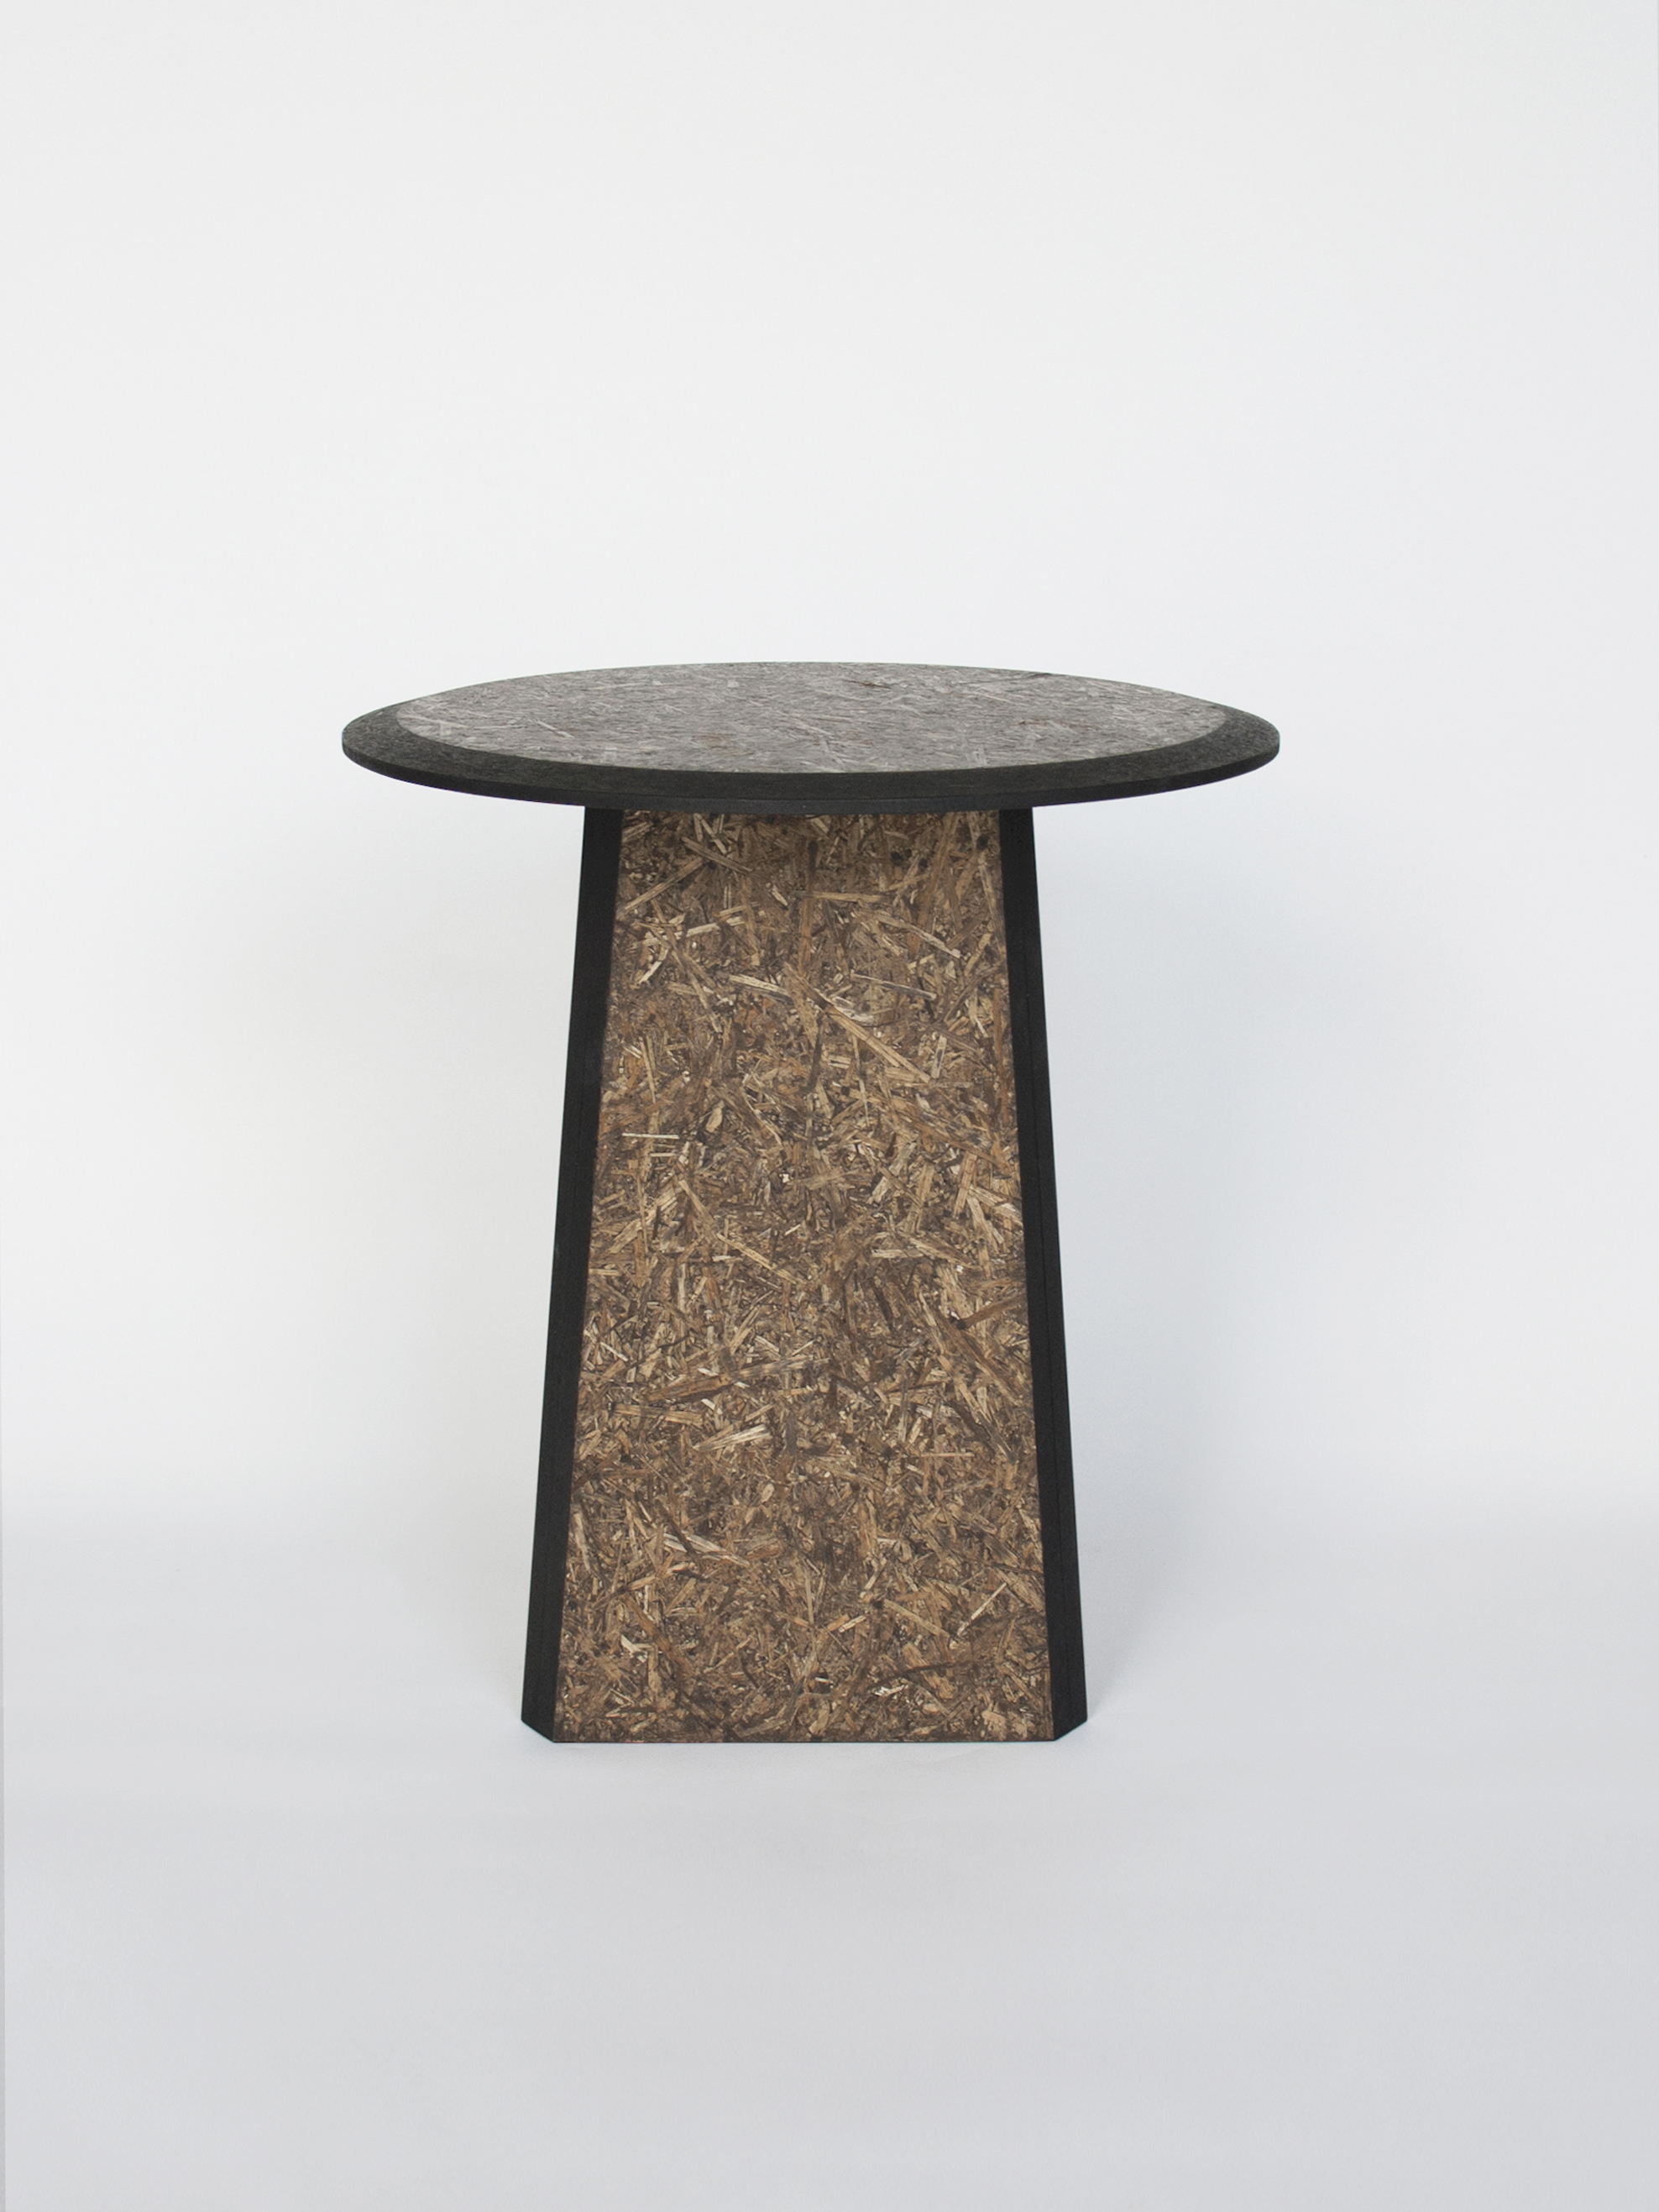 Straw sidetables -black_side view- David Derksen Design.jpg